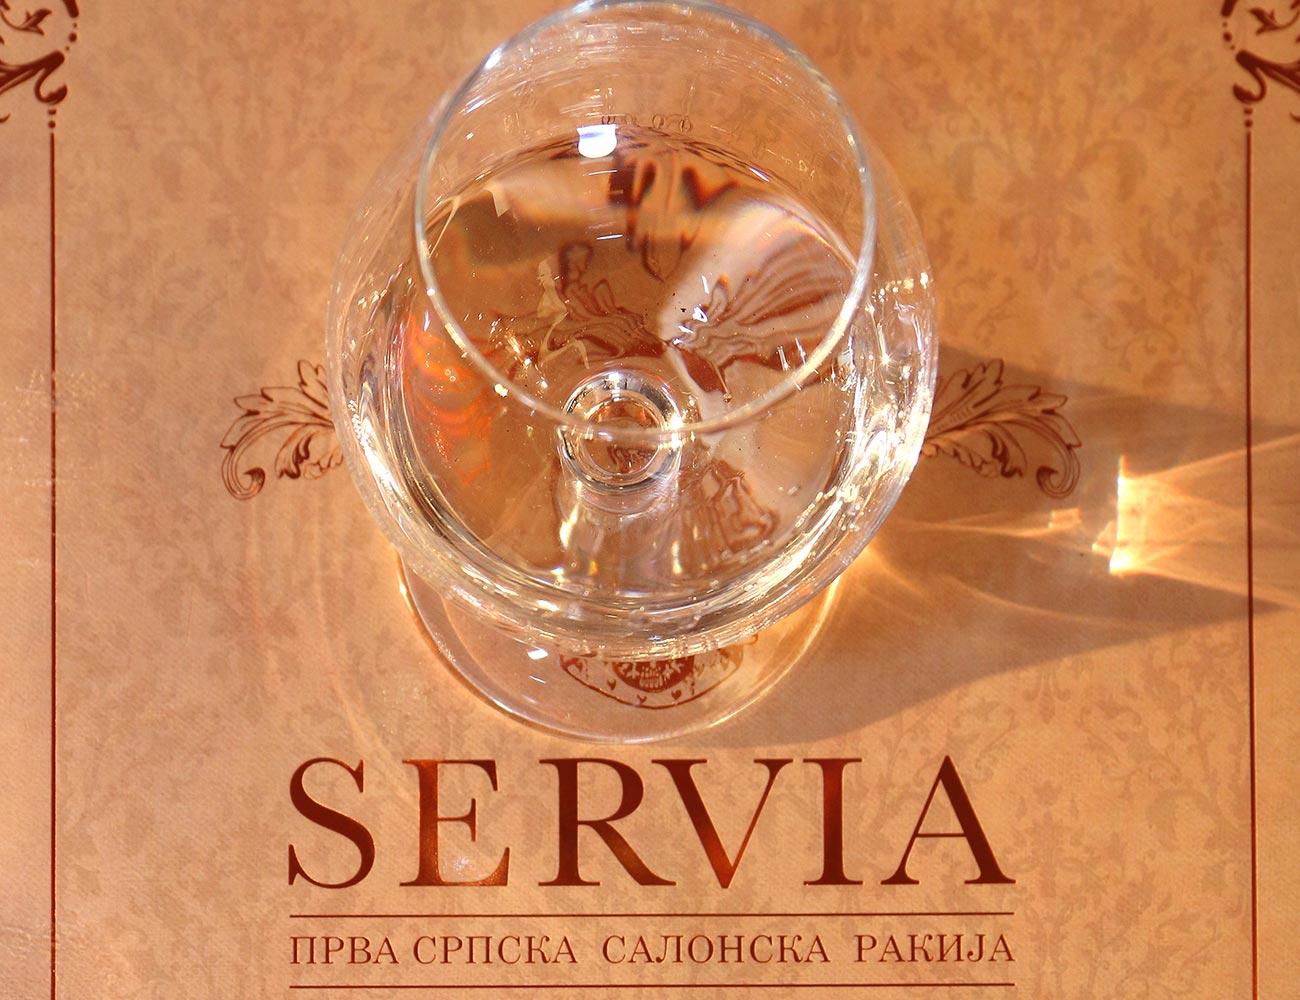 Servia - premium rakija za ugostiteljstvo - 06